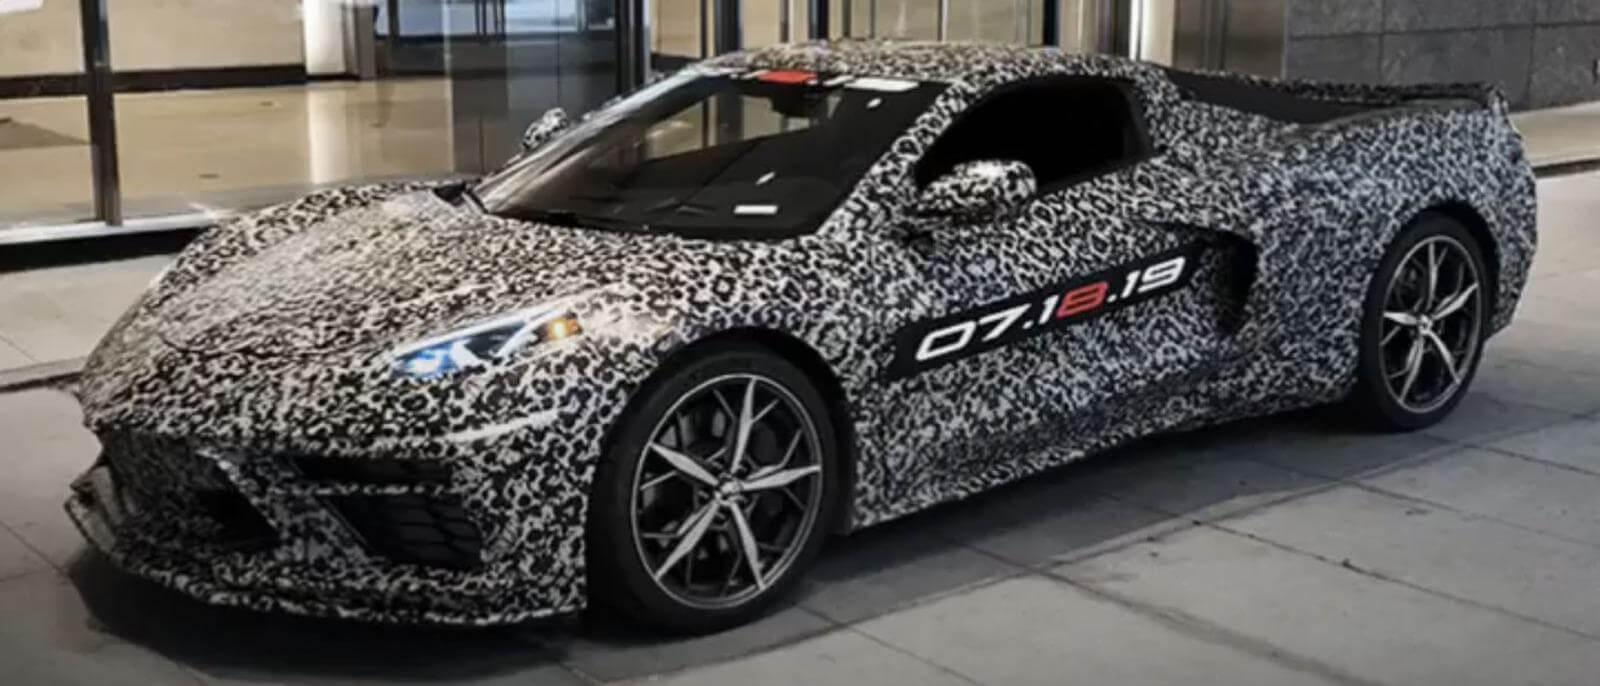 2020 Corvette Preproduction Model